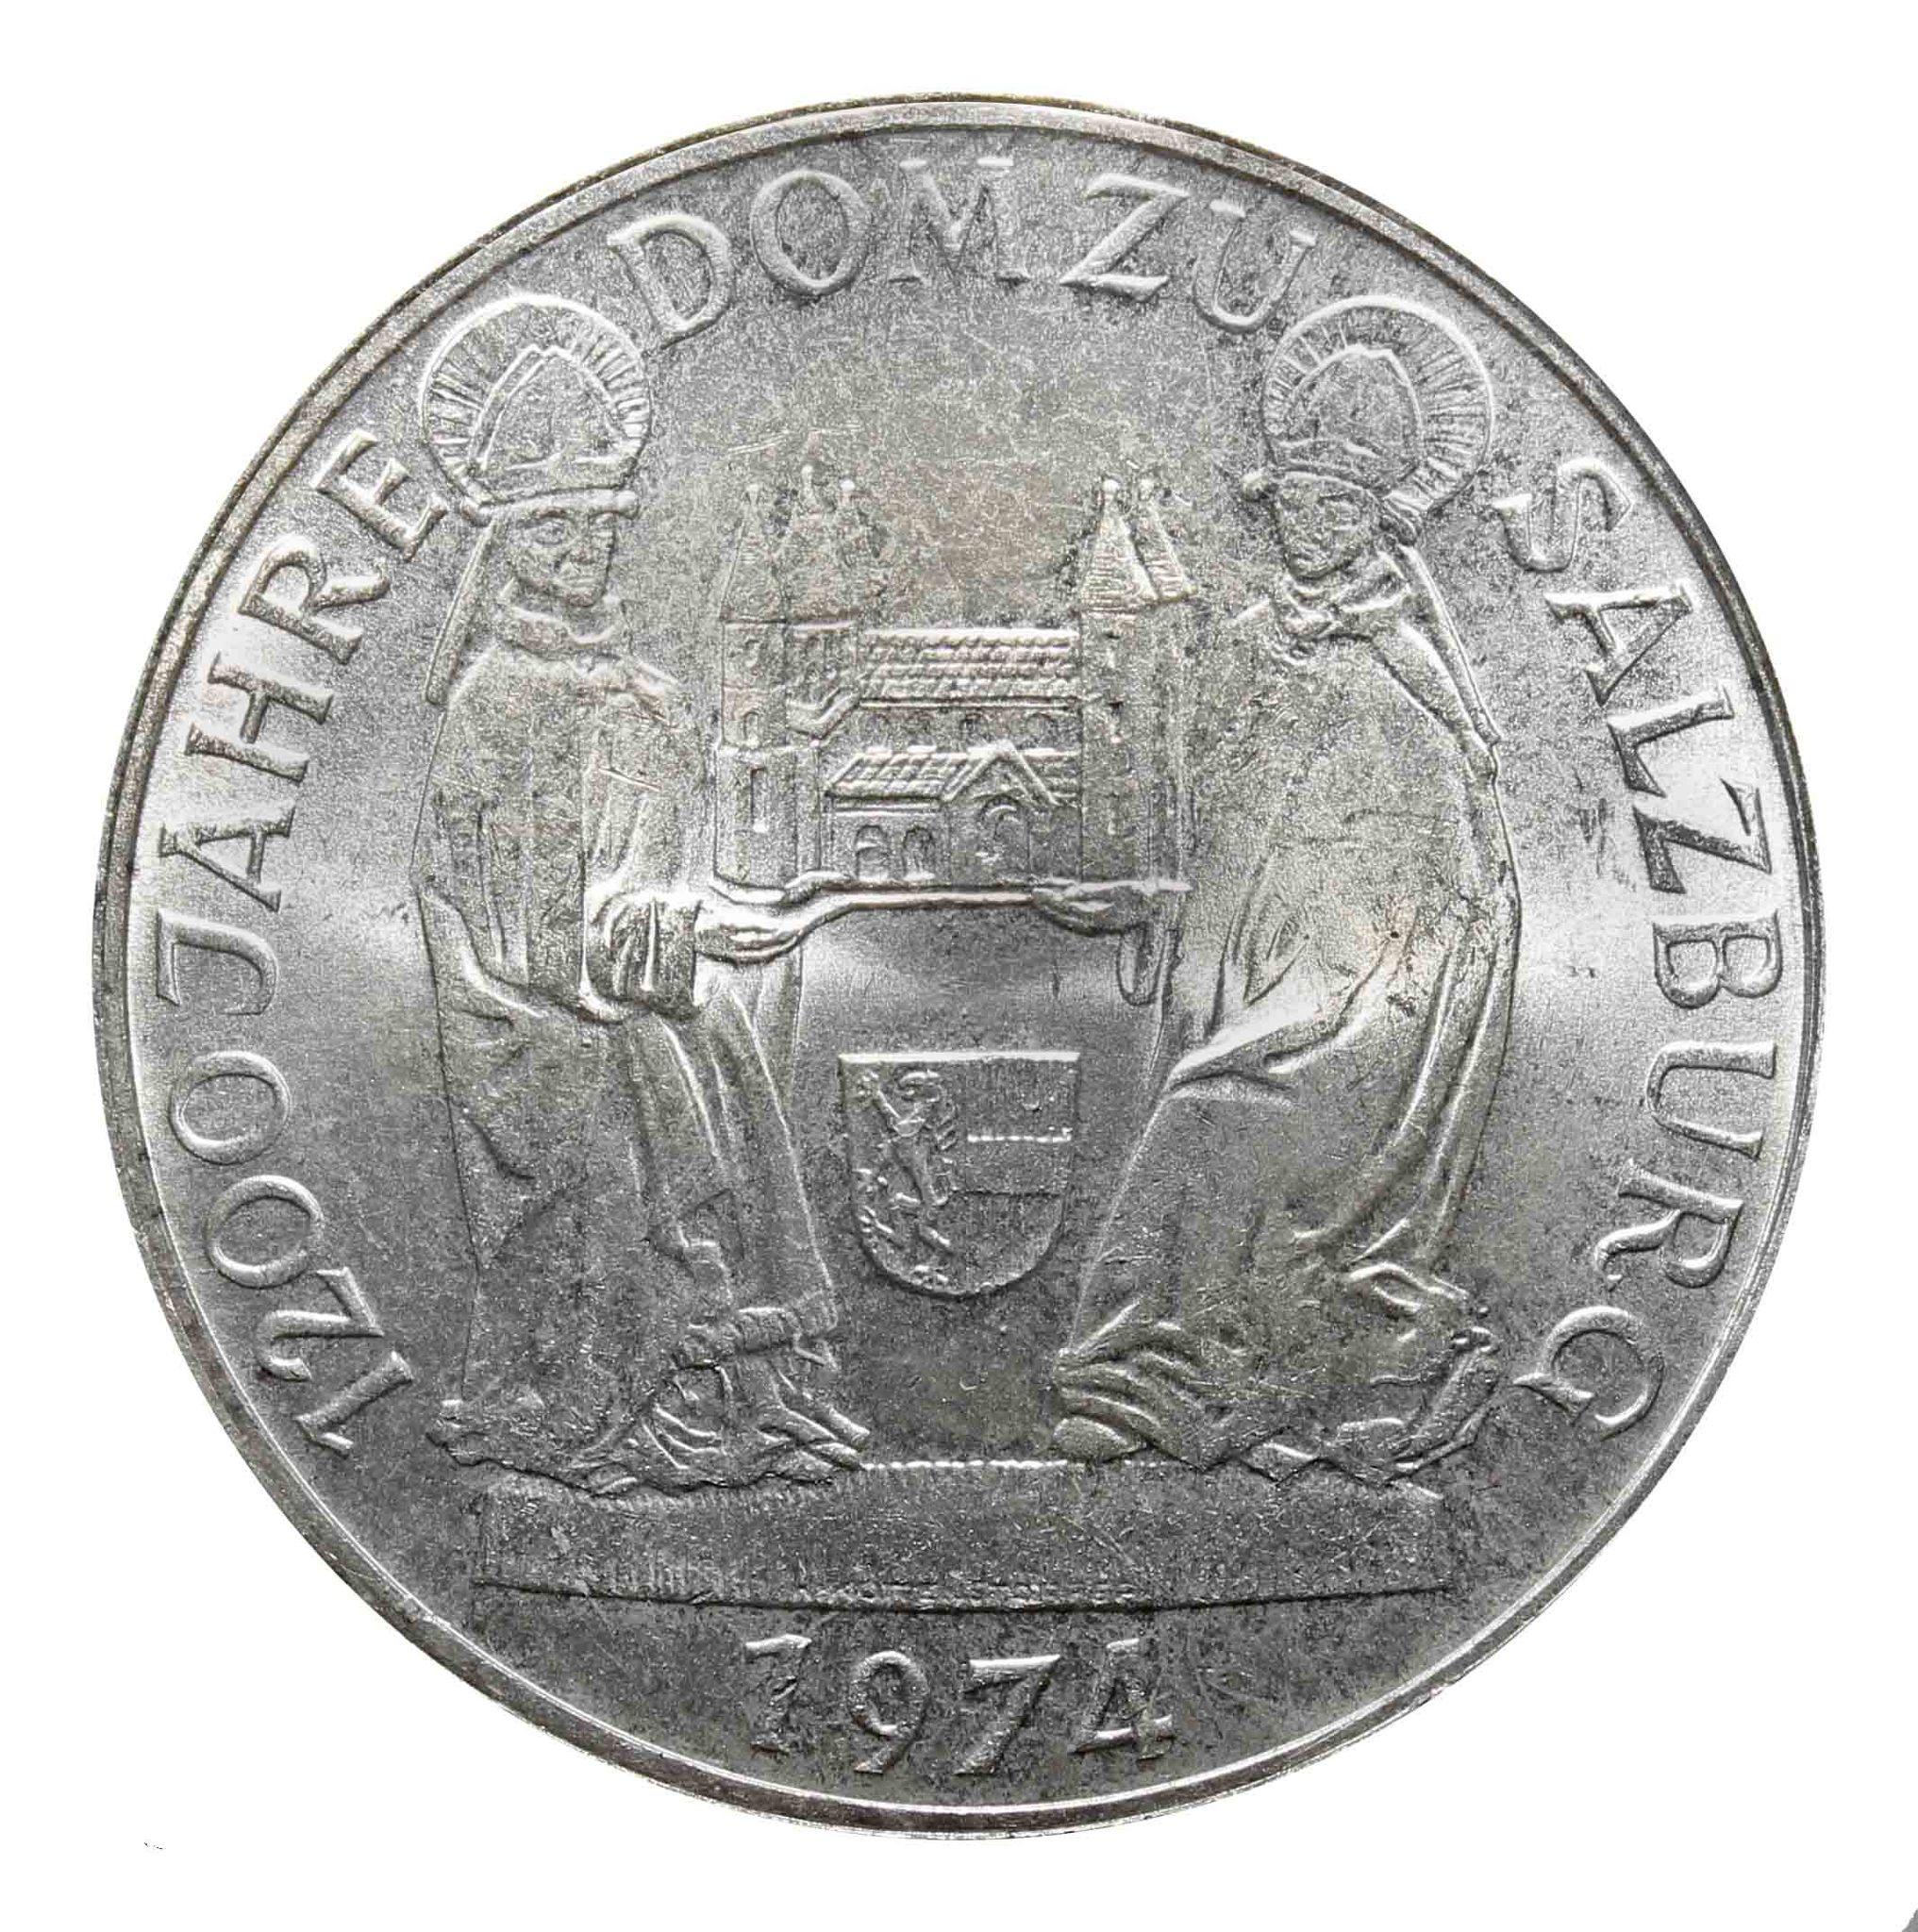 50 шиллингов. 1200 лет Зальцбургскому собору. Австрия. 1974 год. Серебро. AU